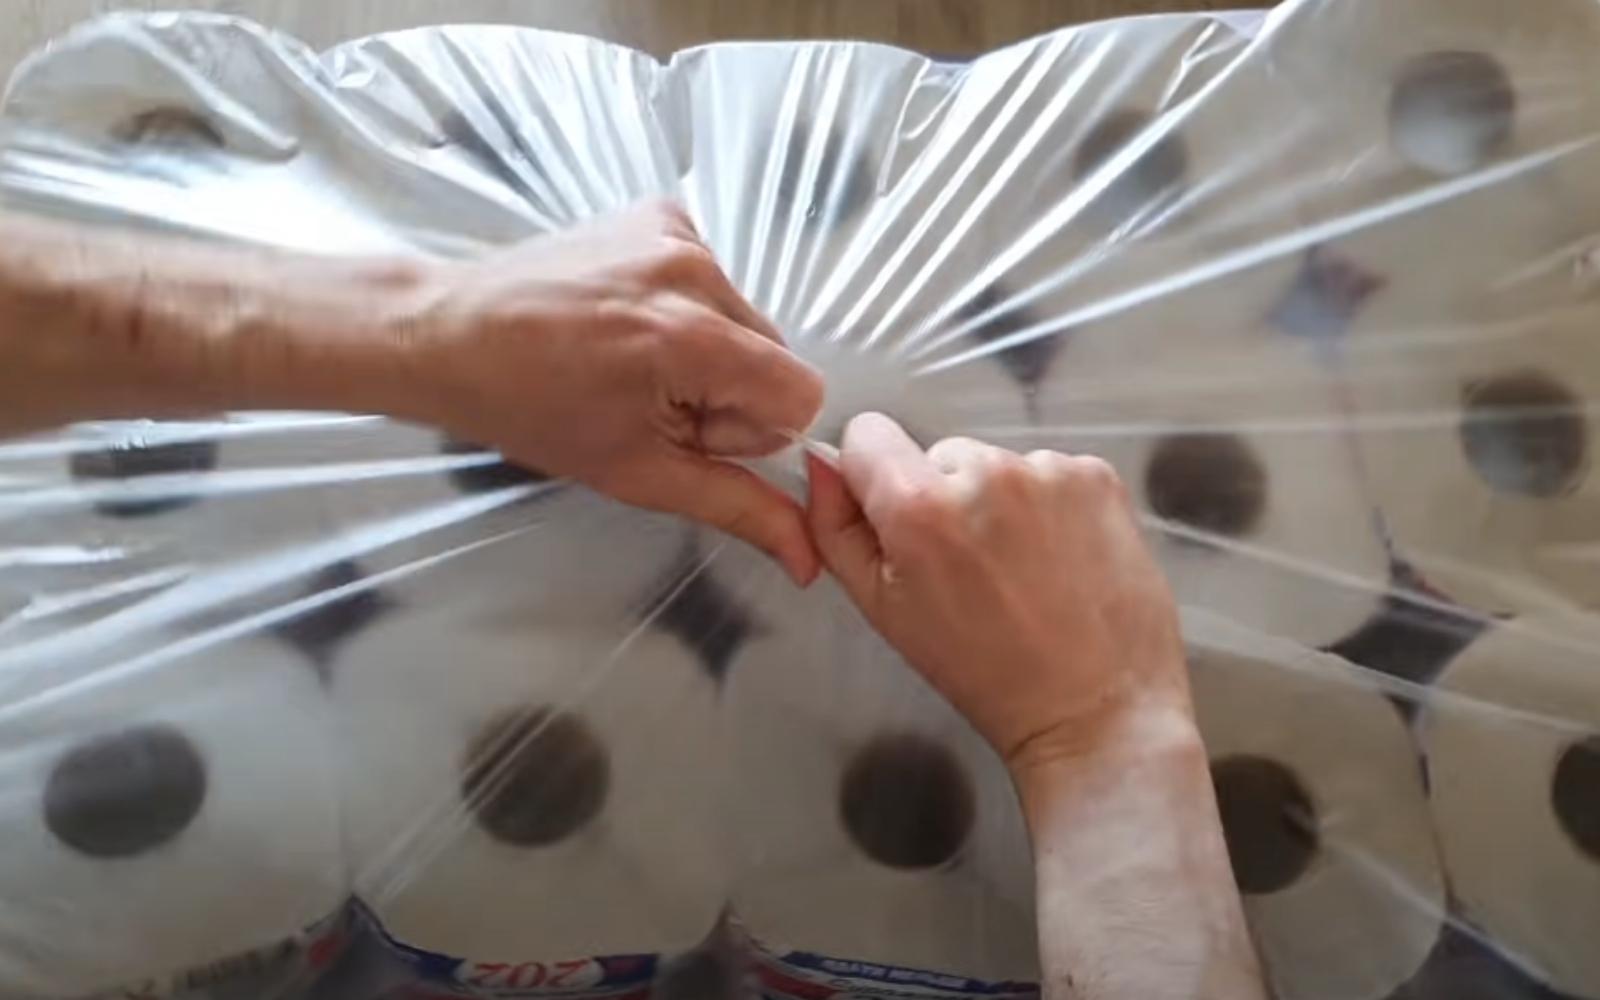 rompiendo paquete de papel higiénico